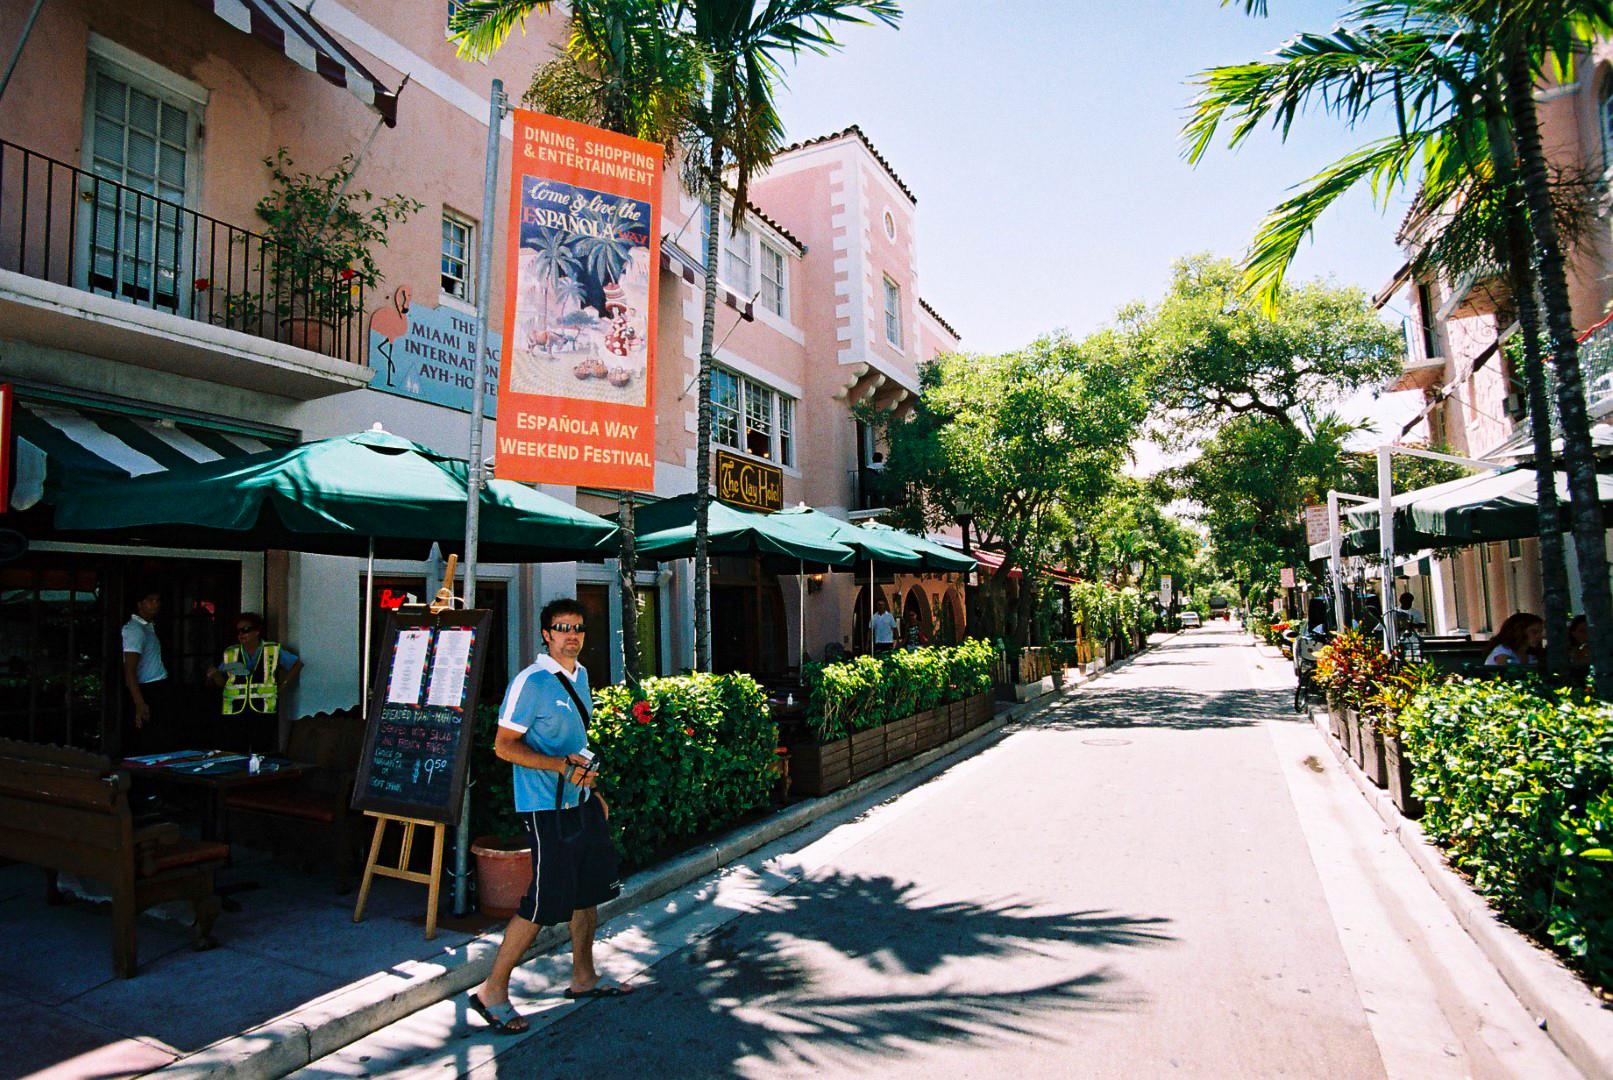 Qué hacer y ver en Miami, Florida Qué hacer y ver en Miami Qué hacer y ver en Miami 31344969686 f2694a841d o